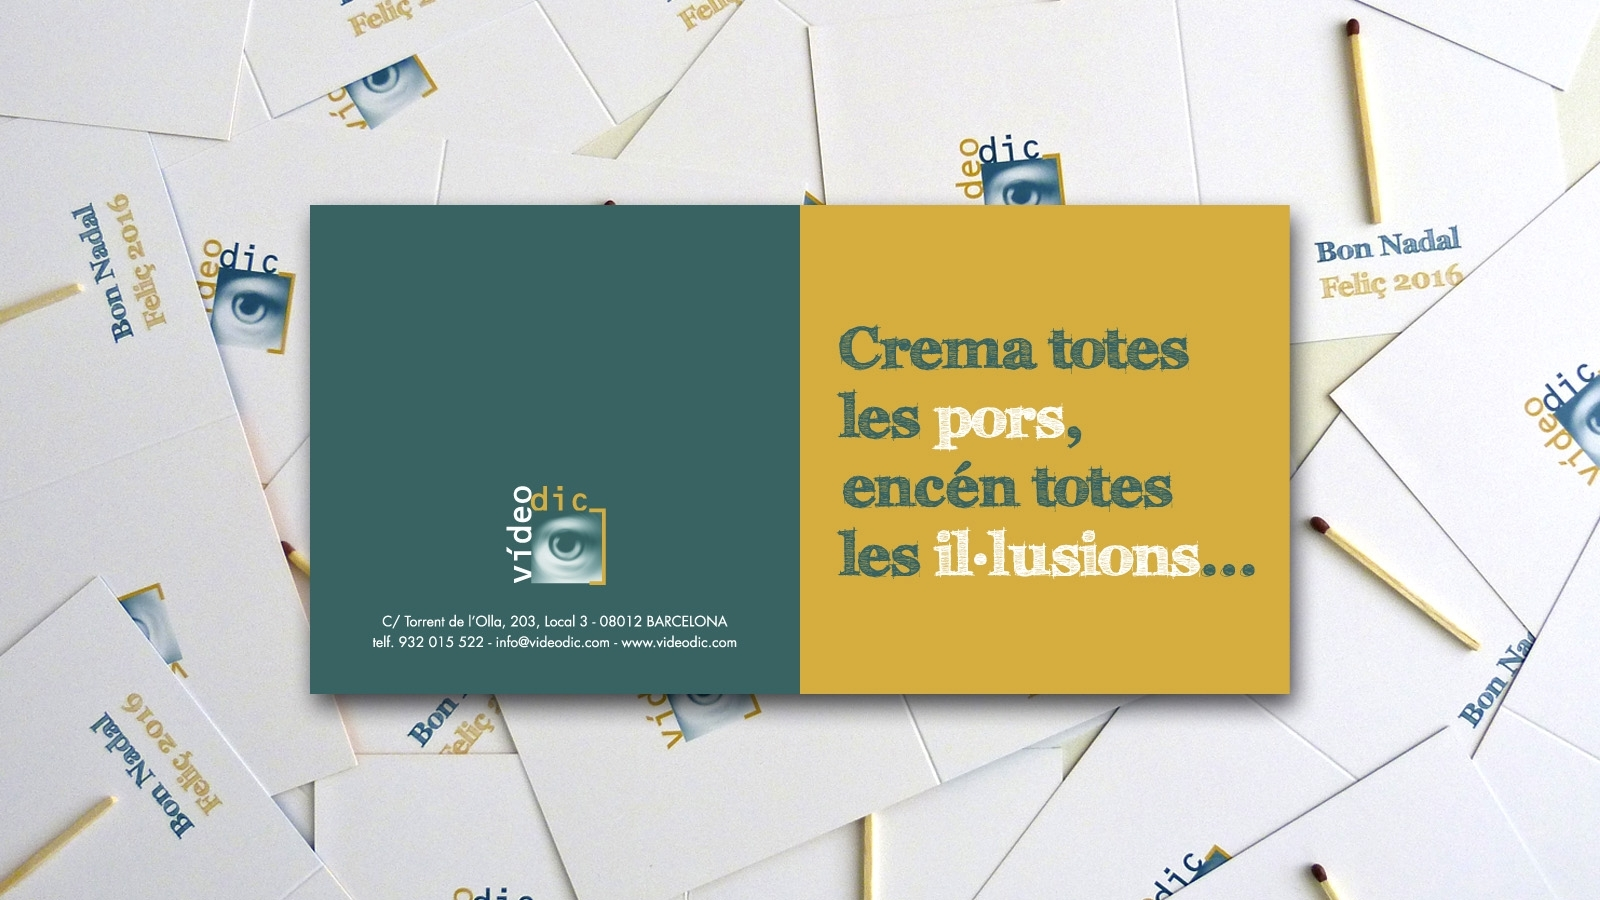 felicitacio-lluminsVIDEO-DIC